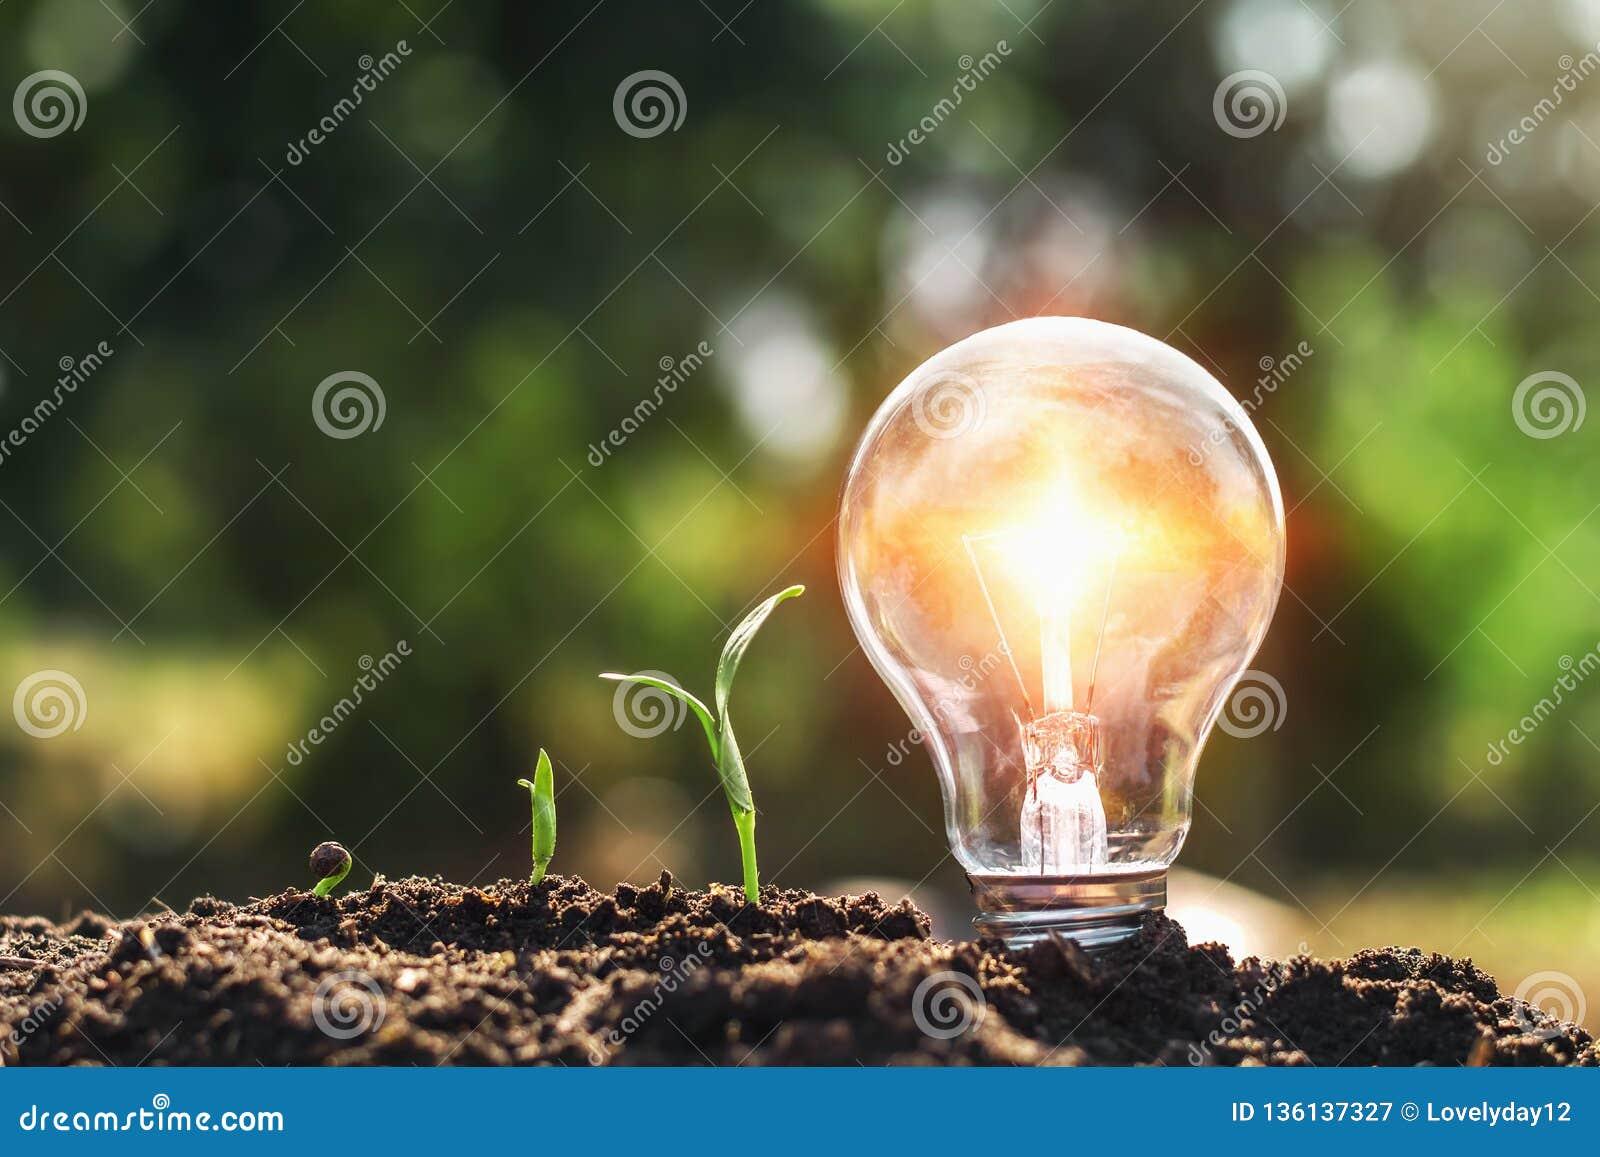 żarówka na glebowej i młodej rośliny dorośnięciu pojęcia oszczędzania energia